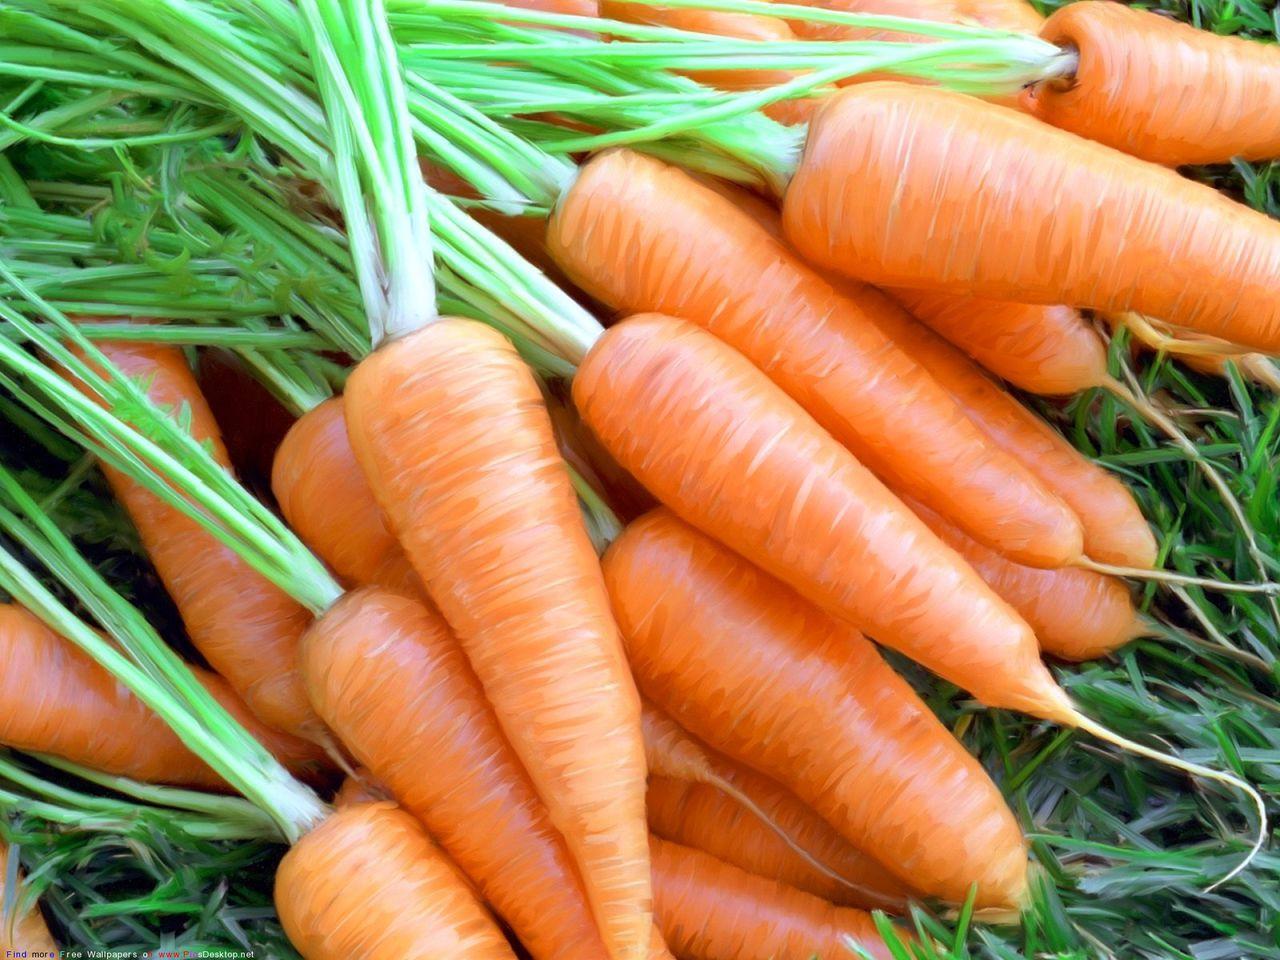 Выращивание моркови как бизнес: организация и план - бизнес идеи 18